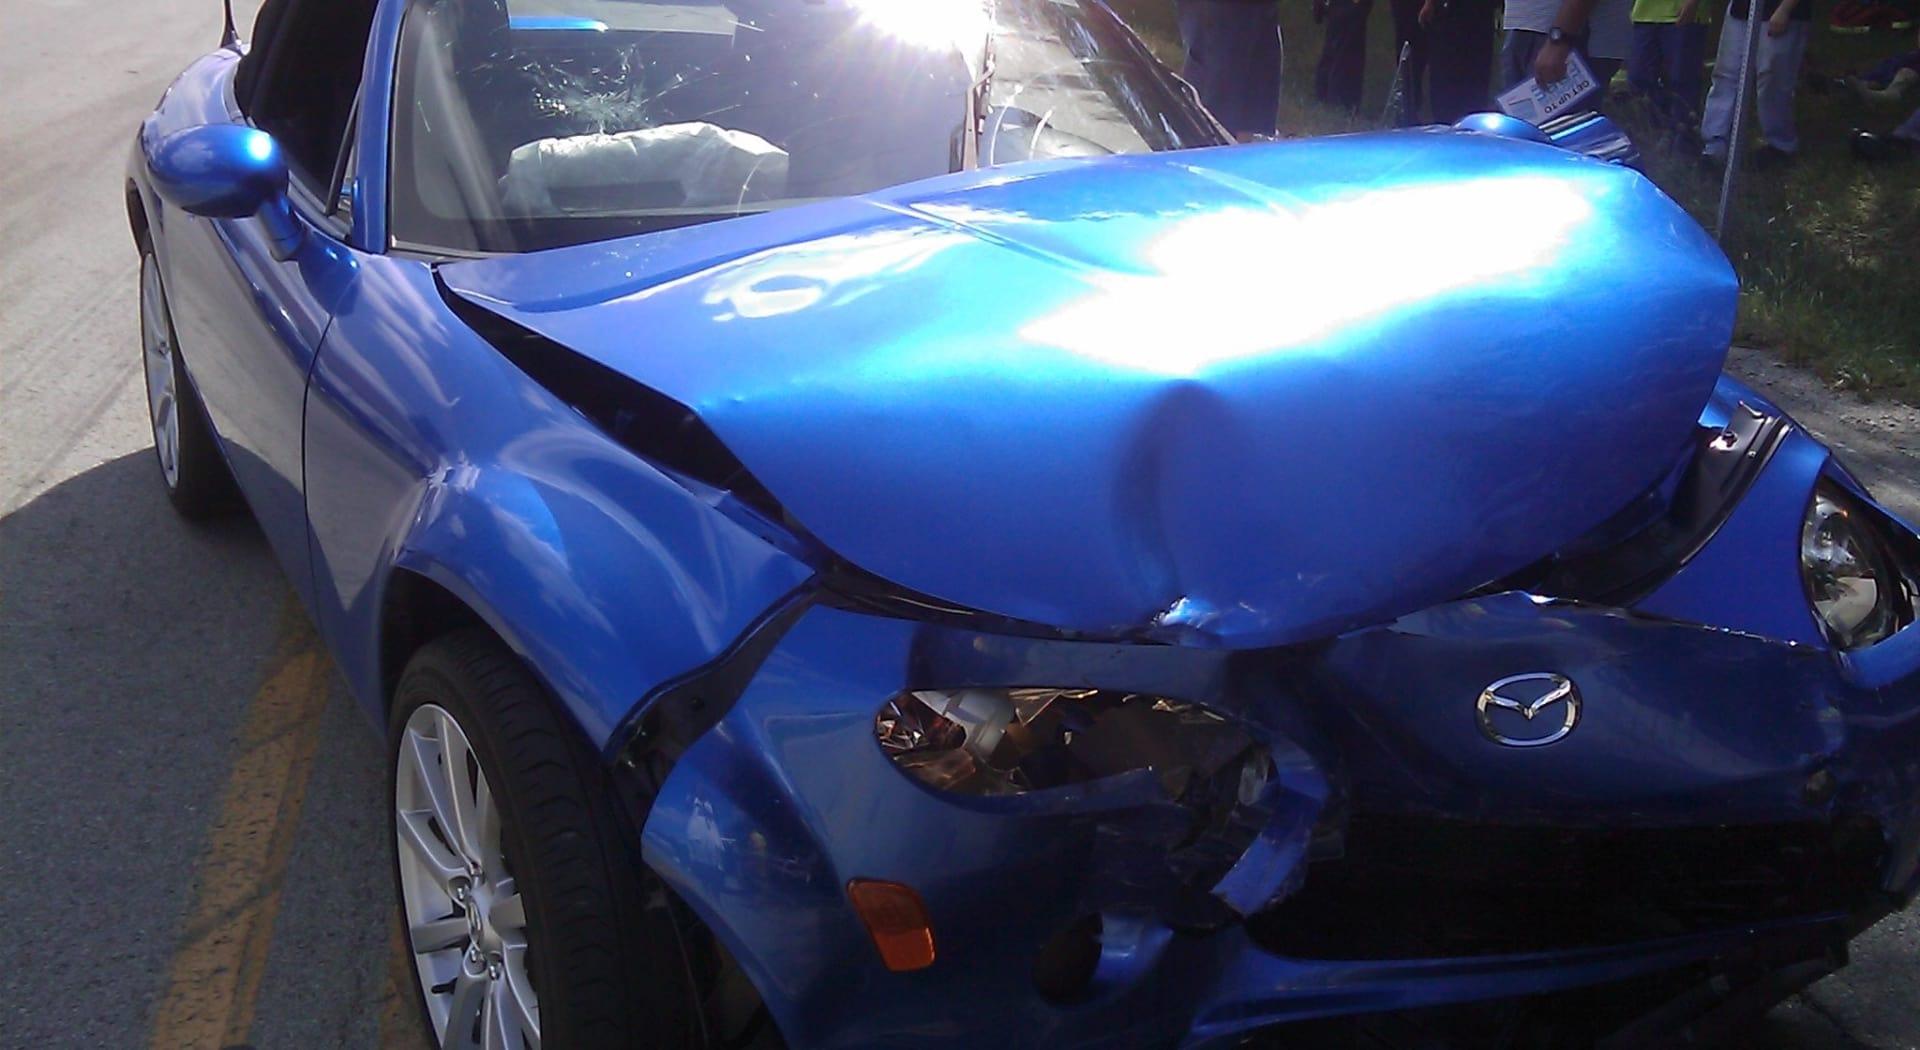 Frontkollisjon kan gi store skader og store erstatningsoppgjør.